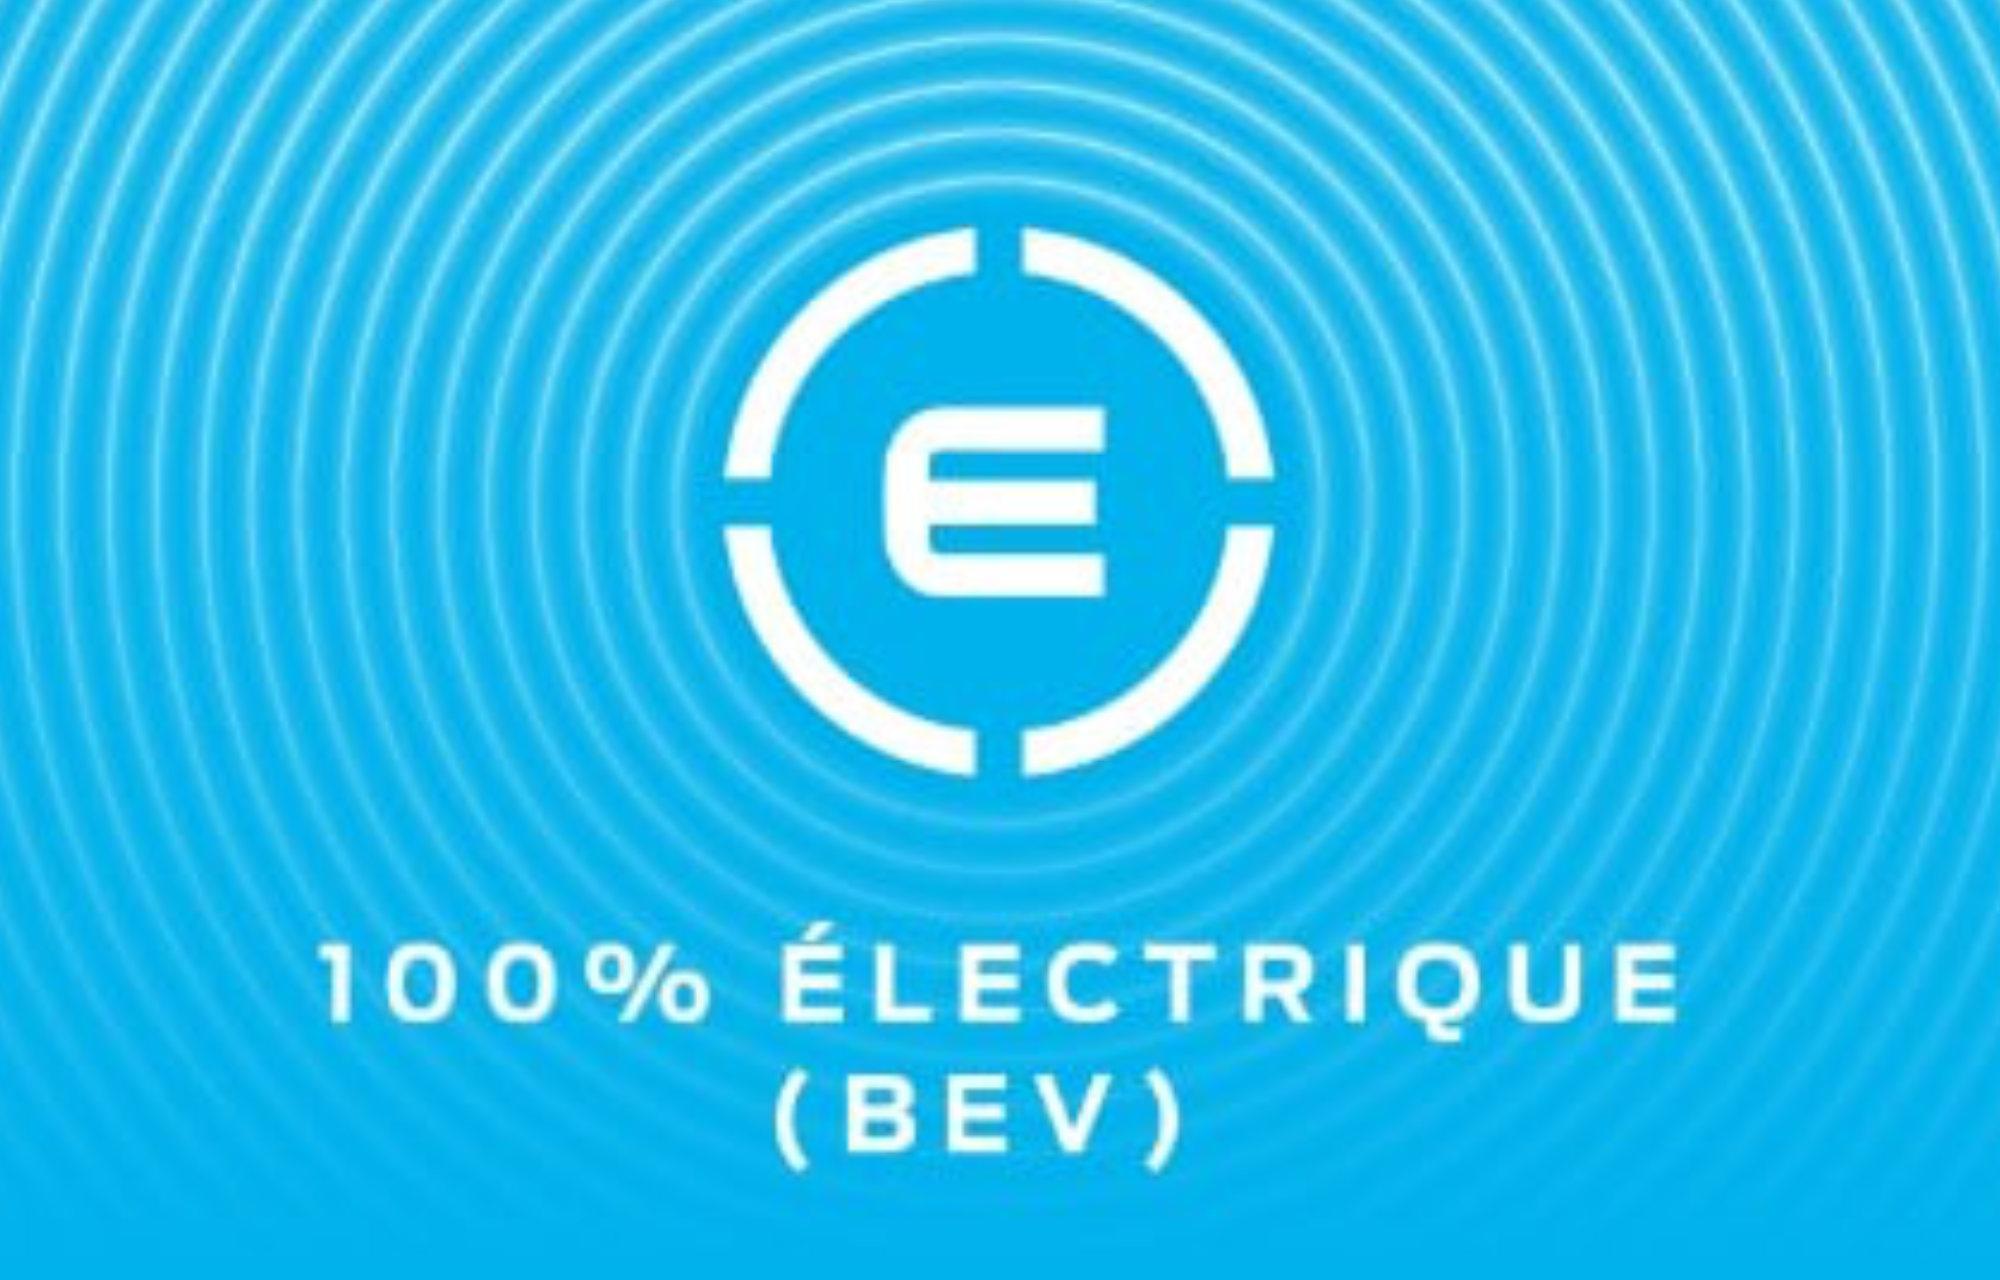 100% électrique (BEV)